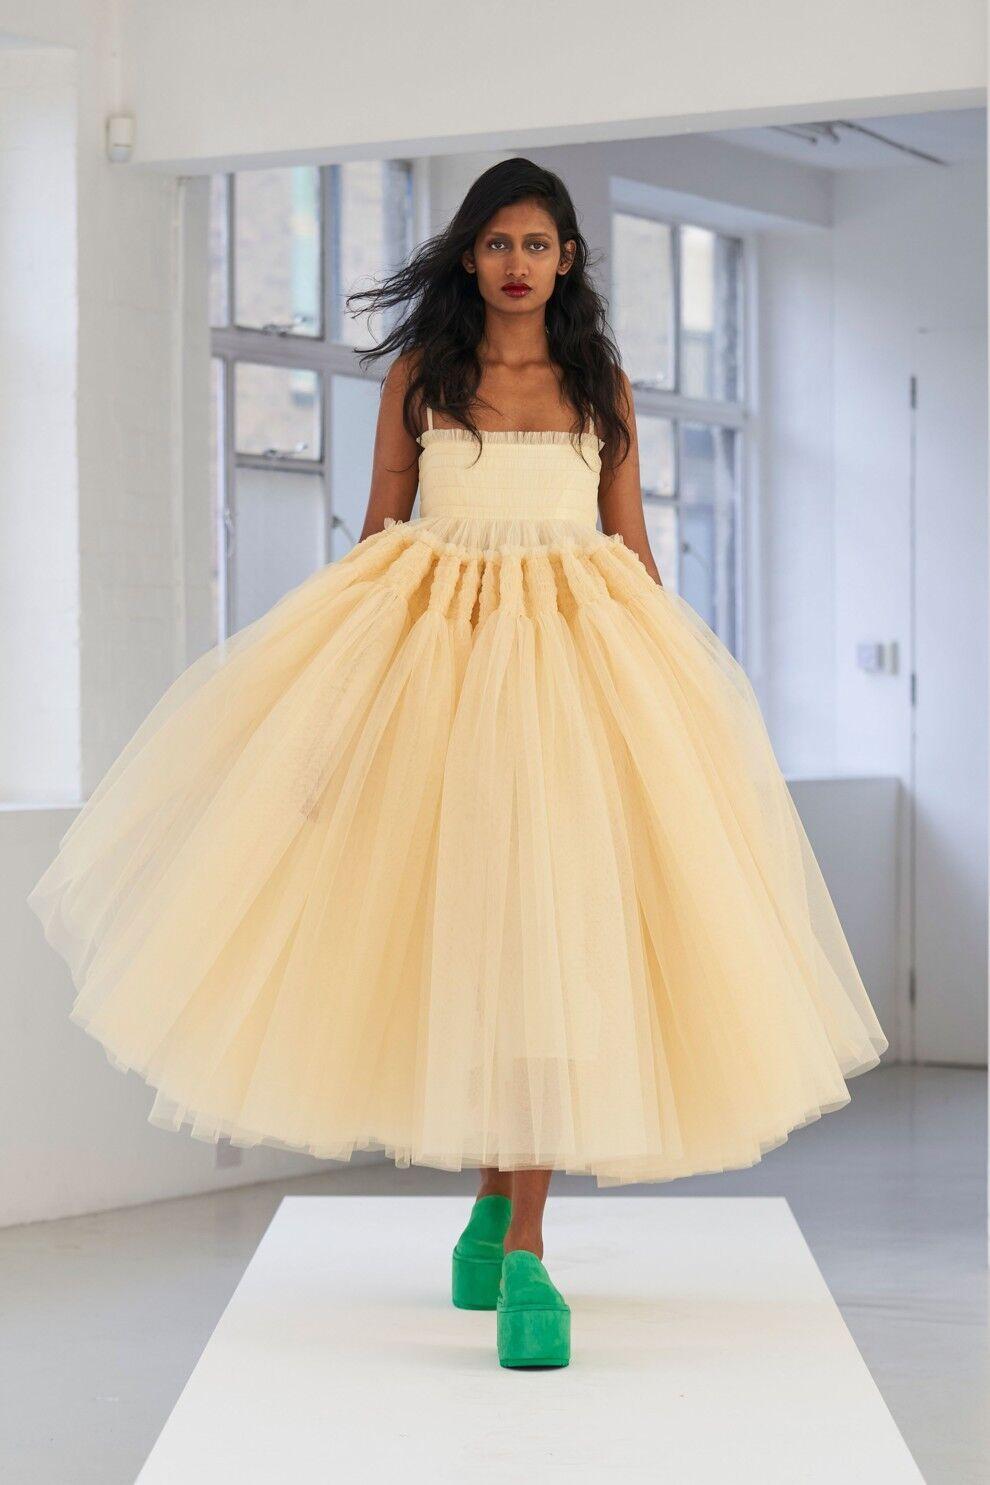 Бренды предлагают интересные варианты пышных мини-платьев